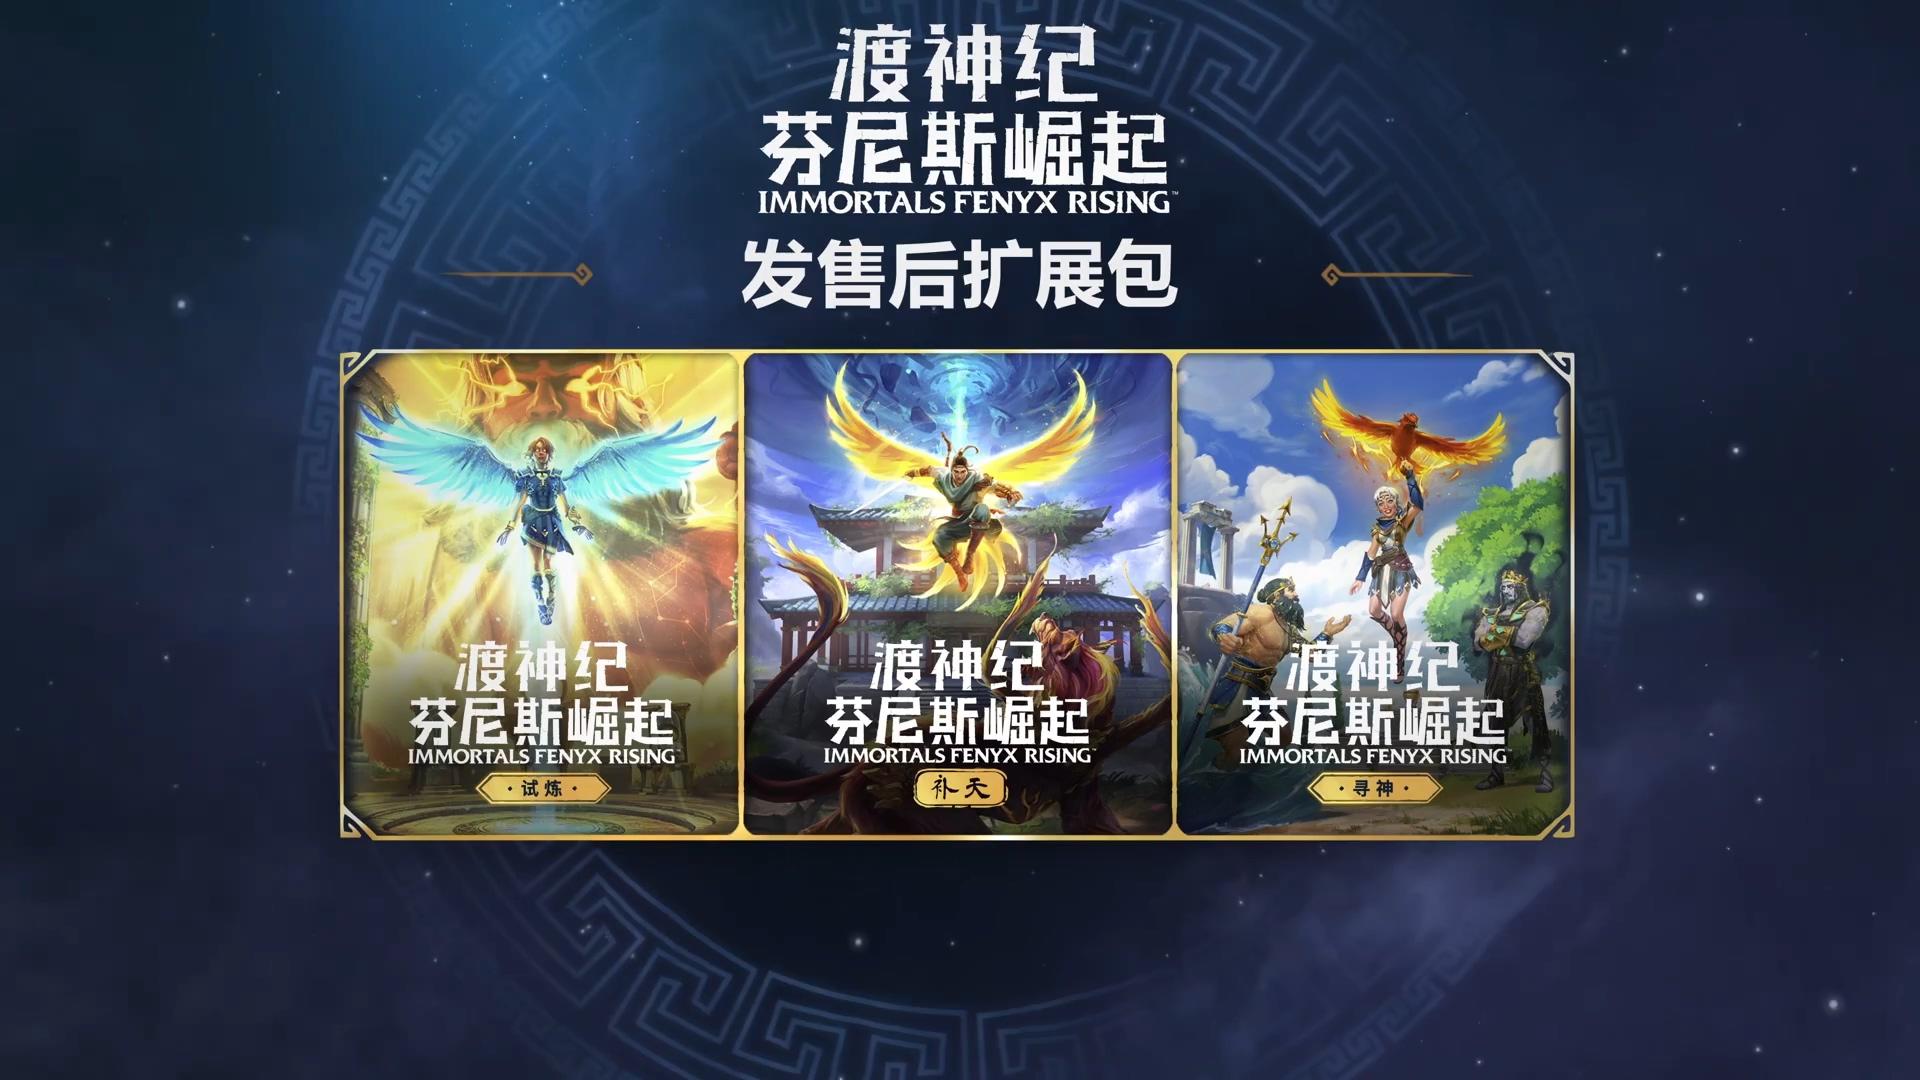 《渡神纪:芬尼斯崛起》扩展包新增中国神话故事